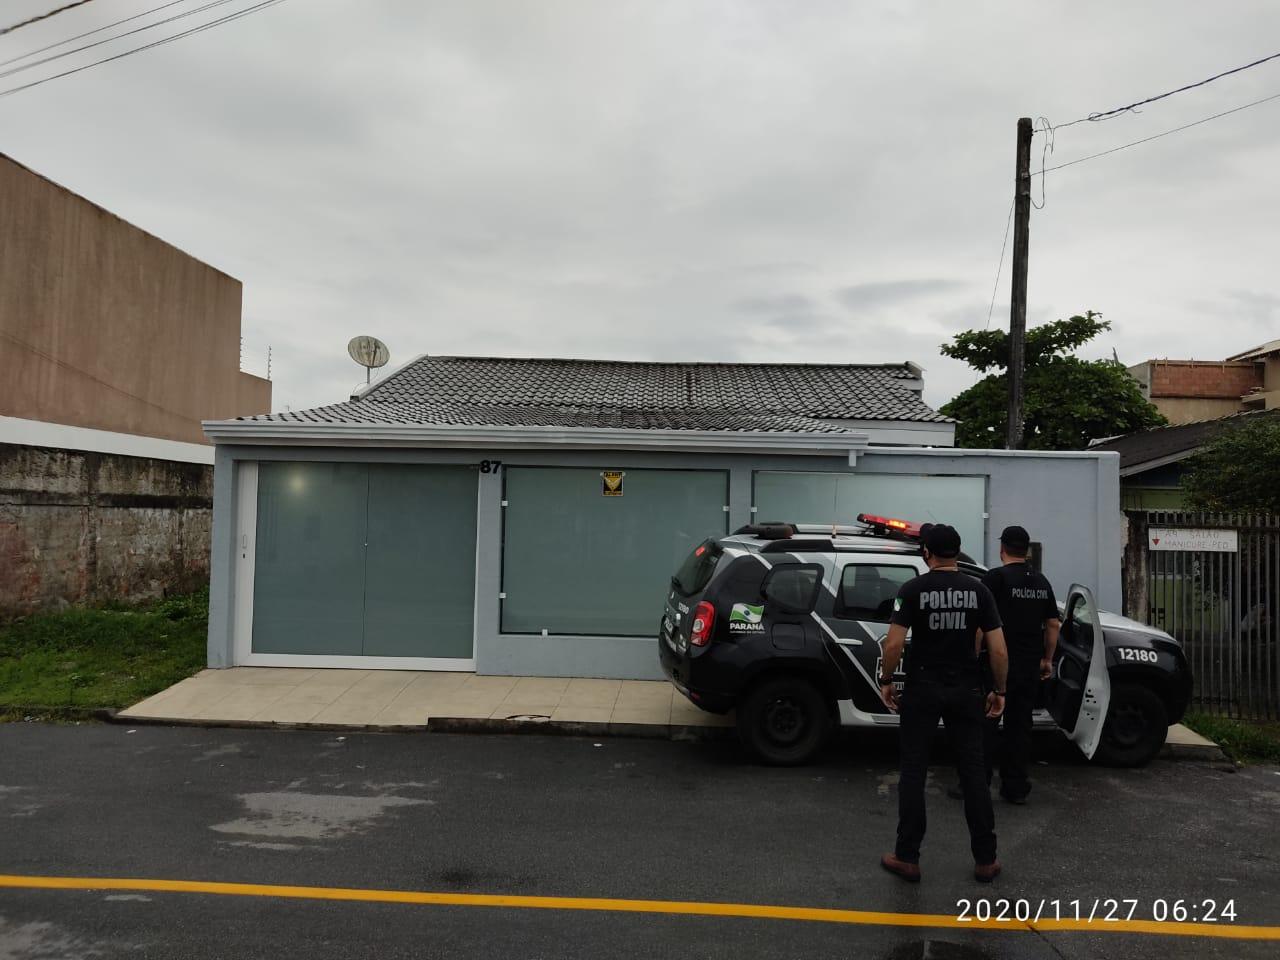 Adulteração de cargas: PCPR cumpre mandados de prisão e busca e apreensão em Paranaguá e Matinhos